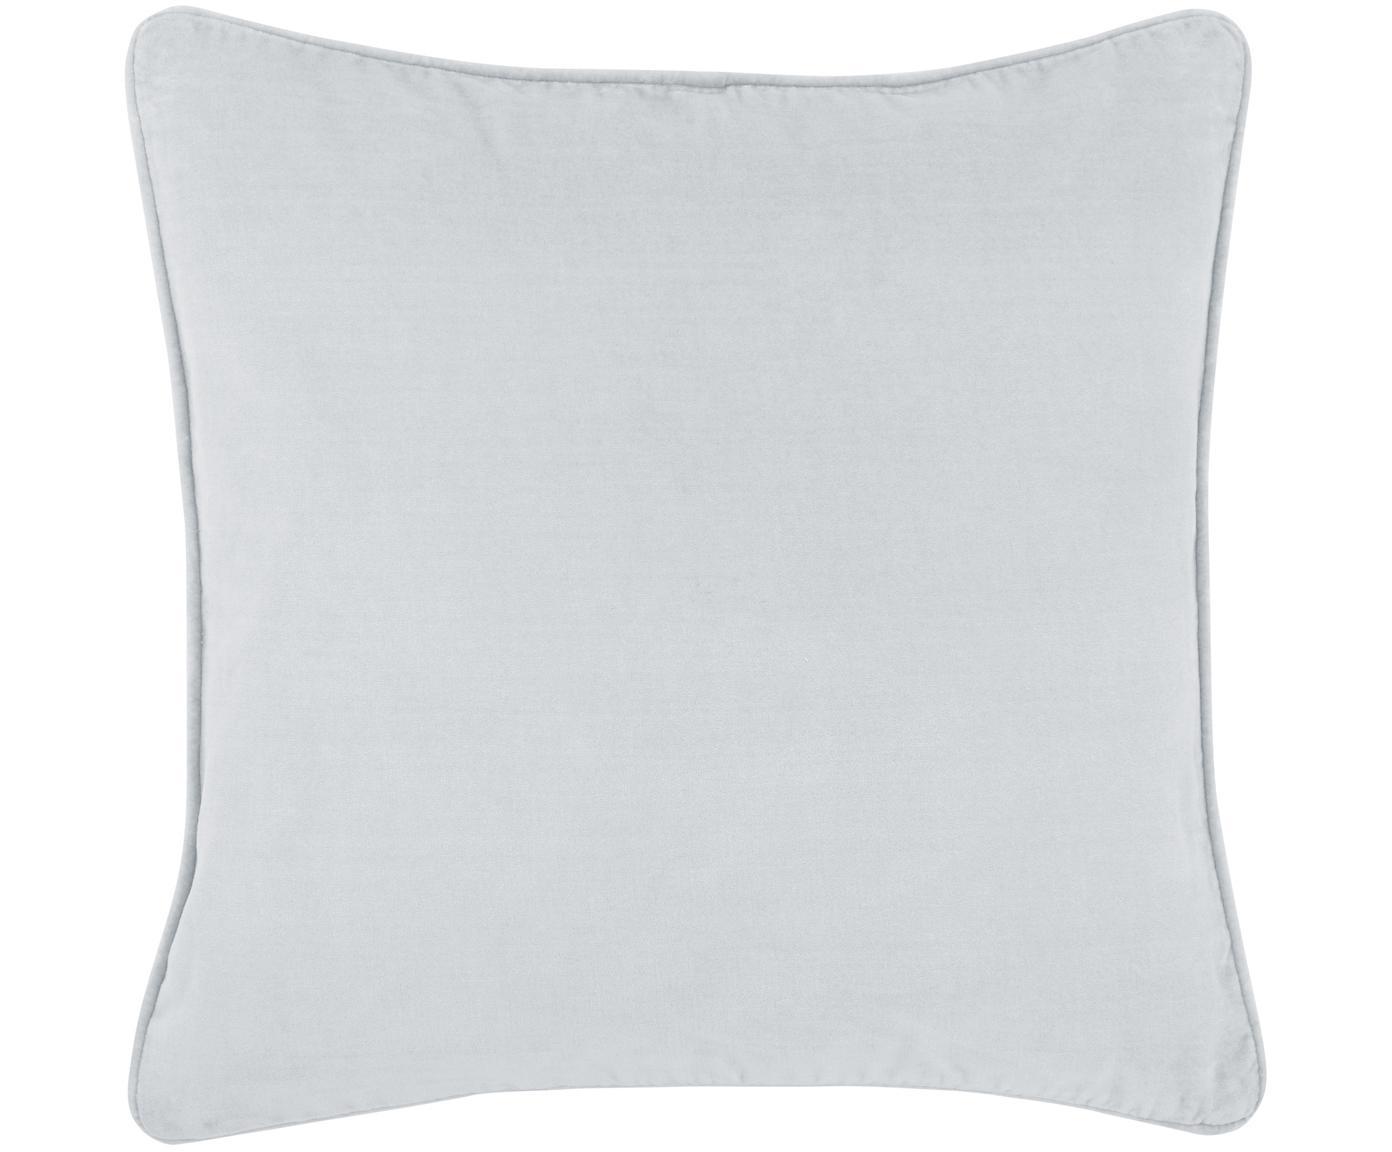 Federa arredo in velluto grigio chiaro Dana, 100% velluto di cotone, Grigio chiaro, Larg. 40 x Lung. 40 cm